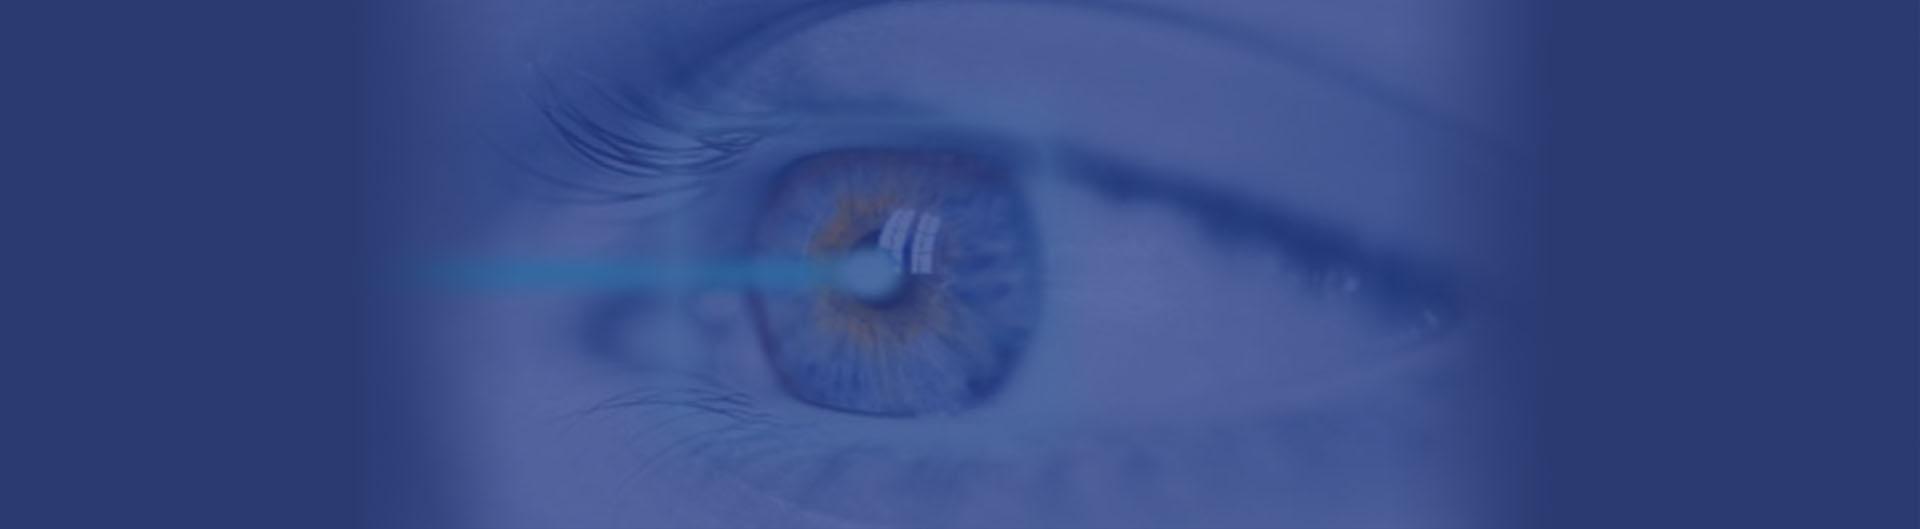 cirugia laser de cataratas